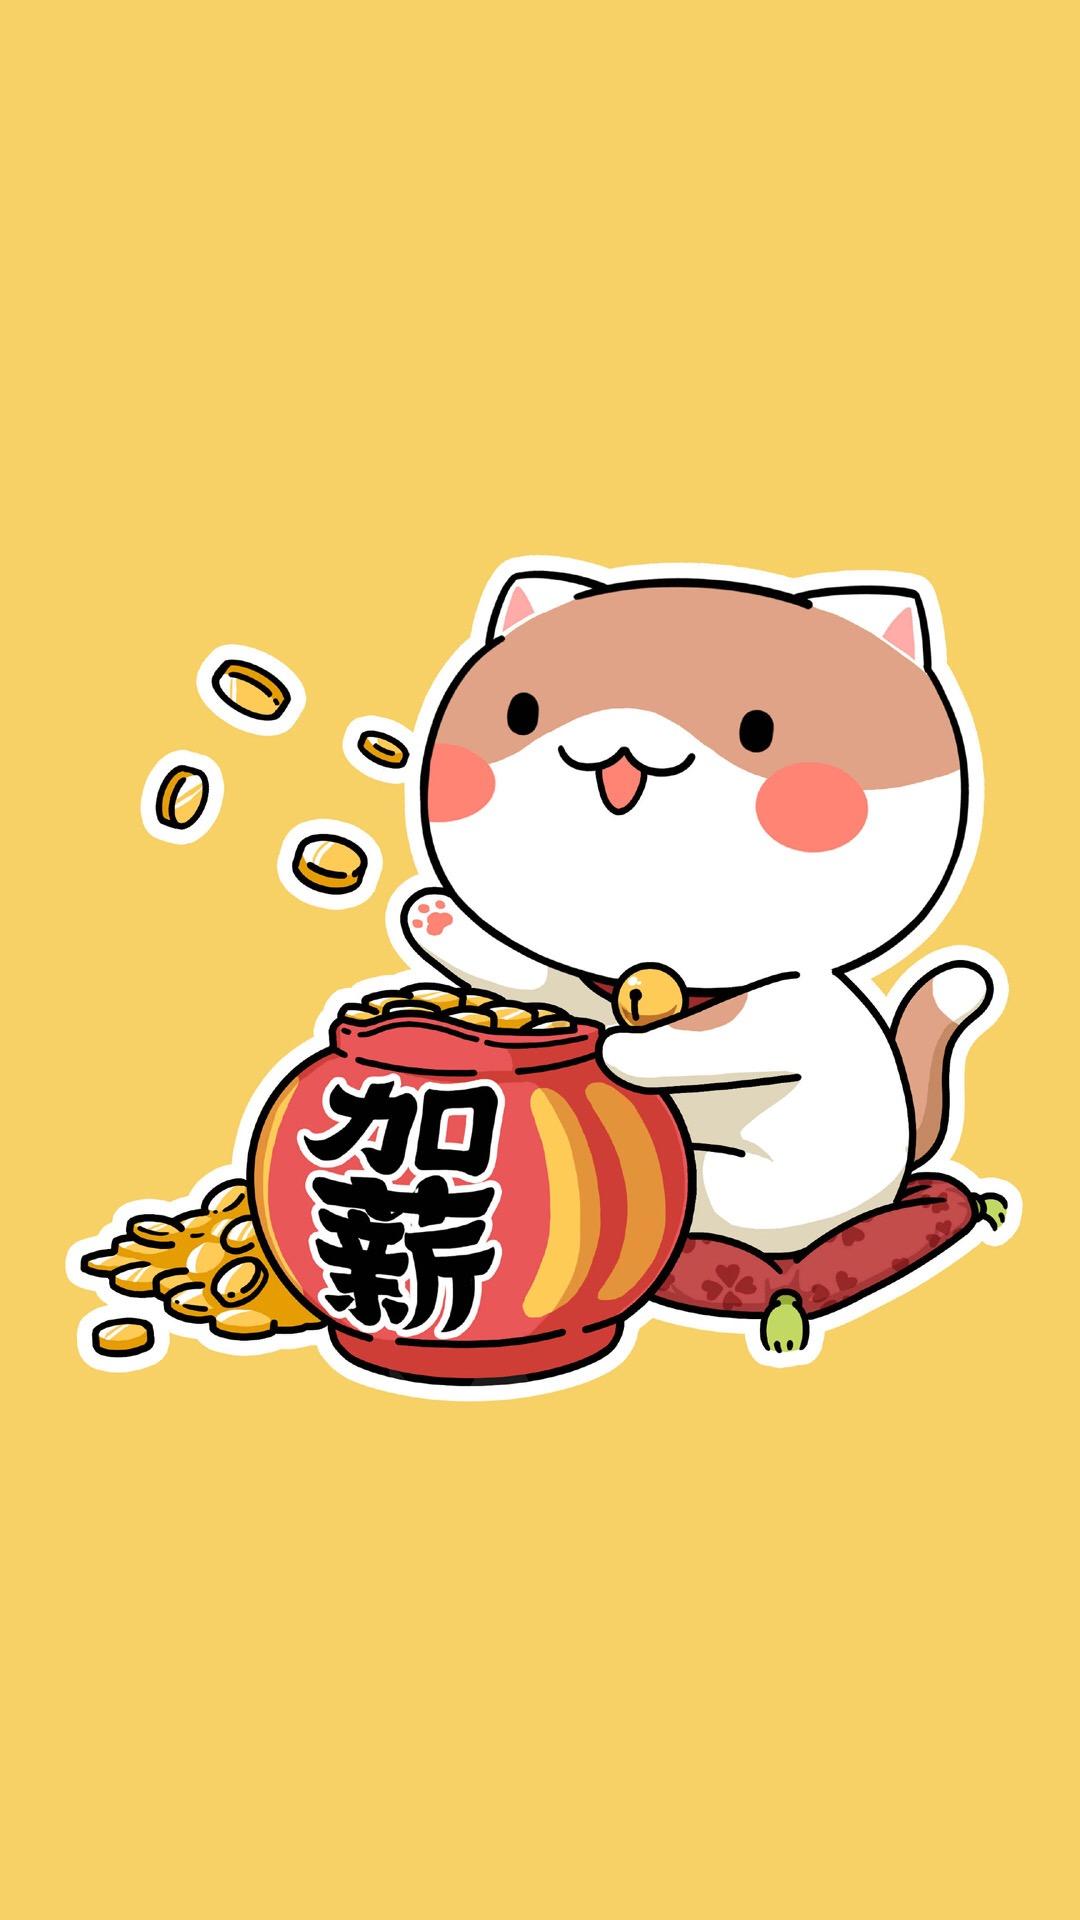 可爱招财猫创意文字卡通手机壁纸图片大全